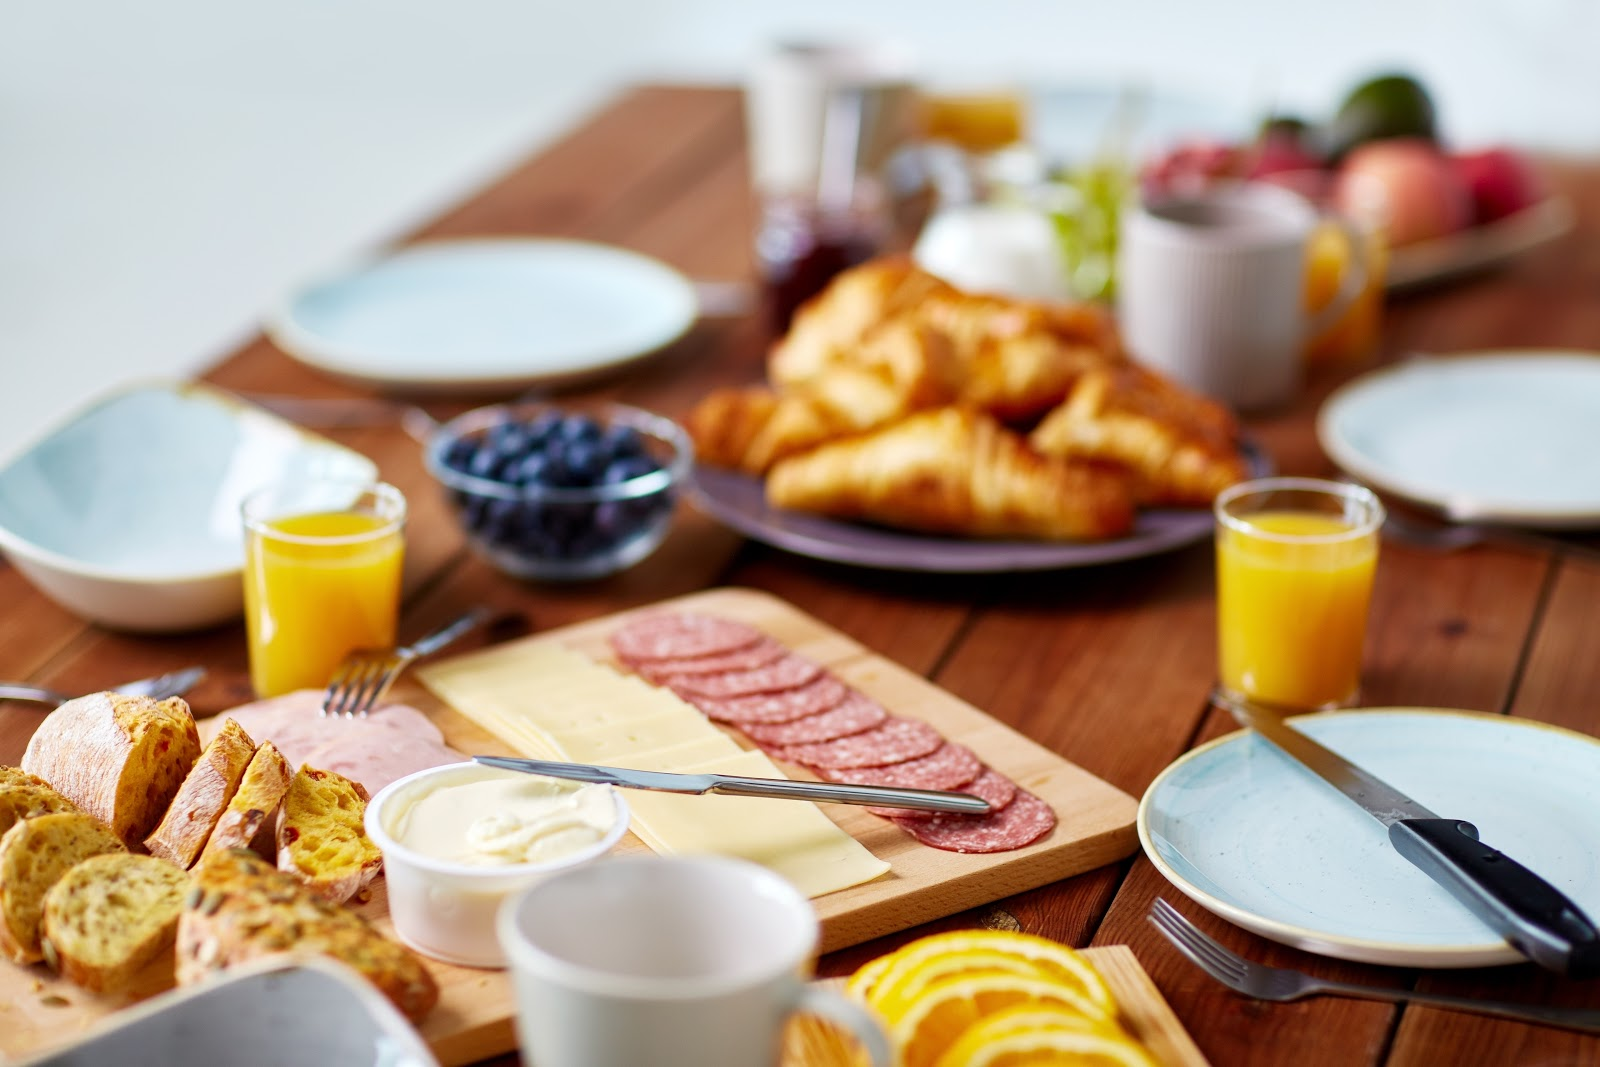 Mesa completa de coffee break: com sucos, pães, frios e frutas